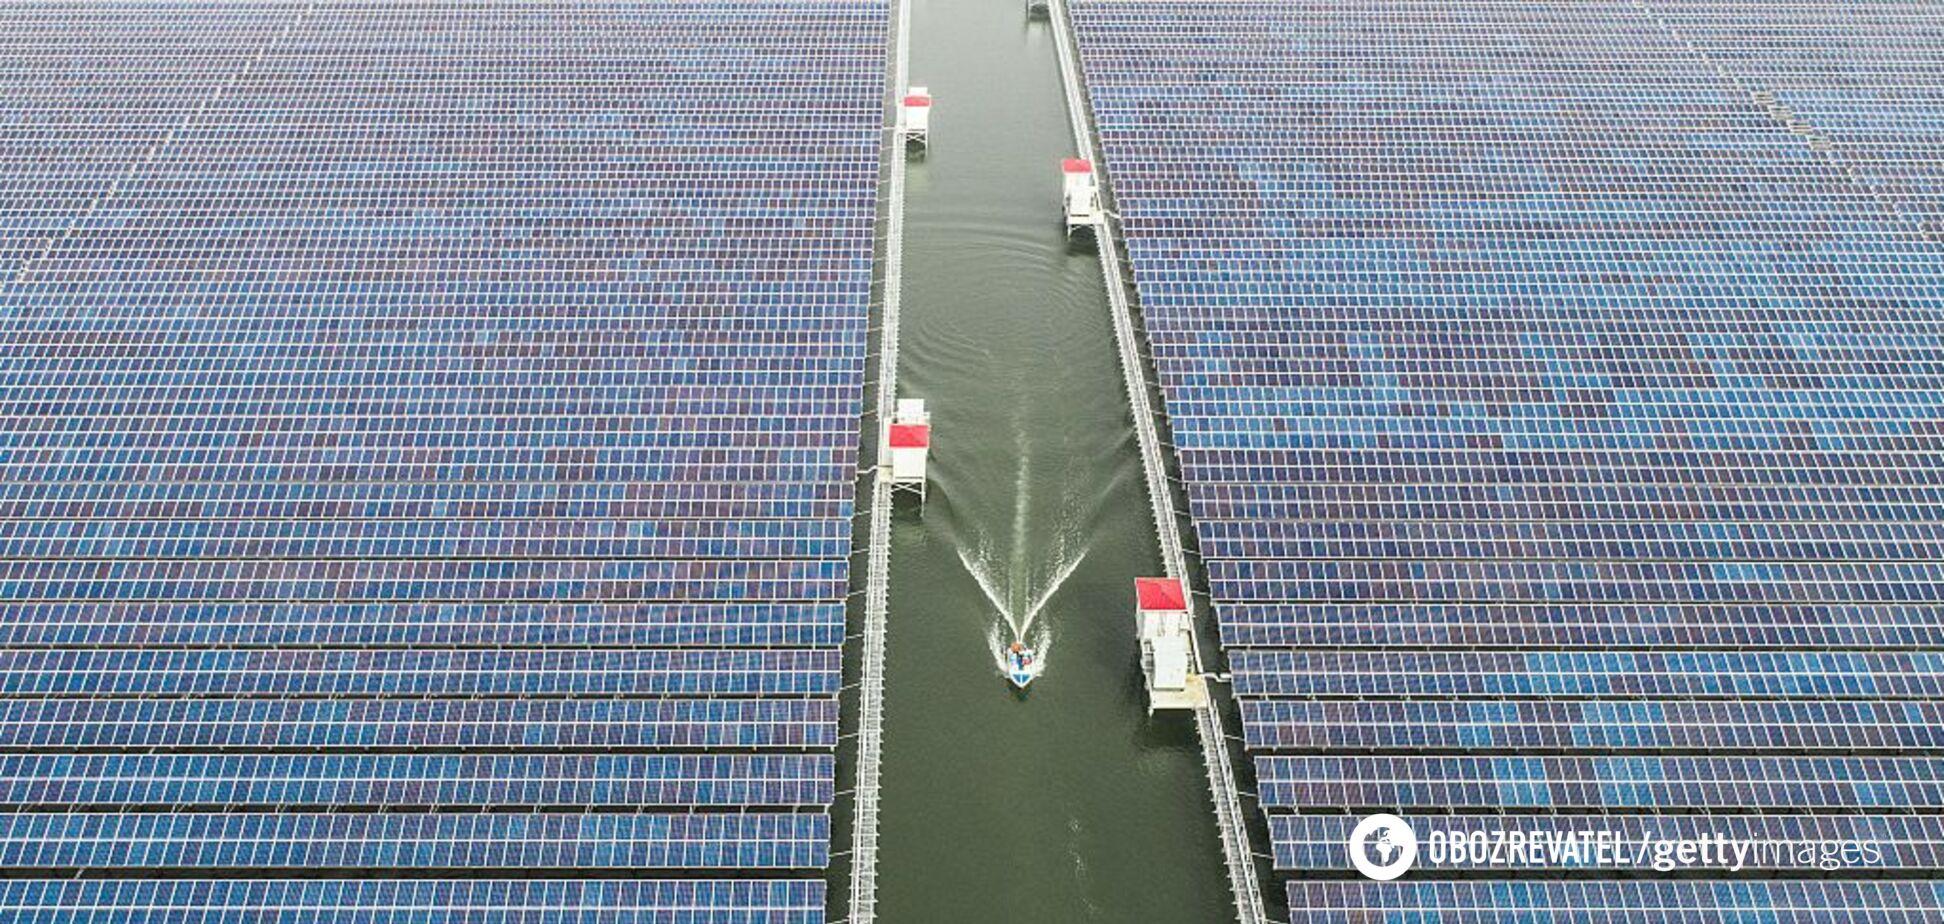 Первая в своем роде: в Германии построят плавающую солнечную ферму